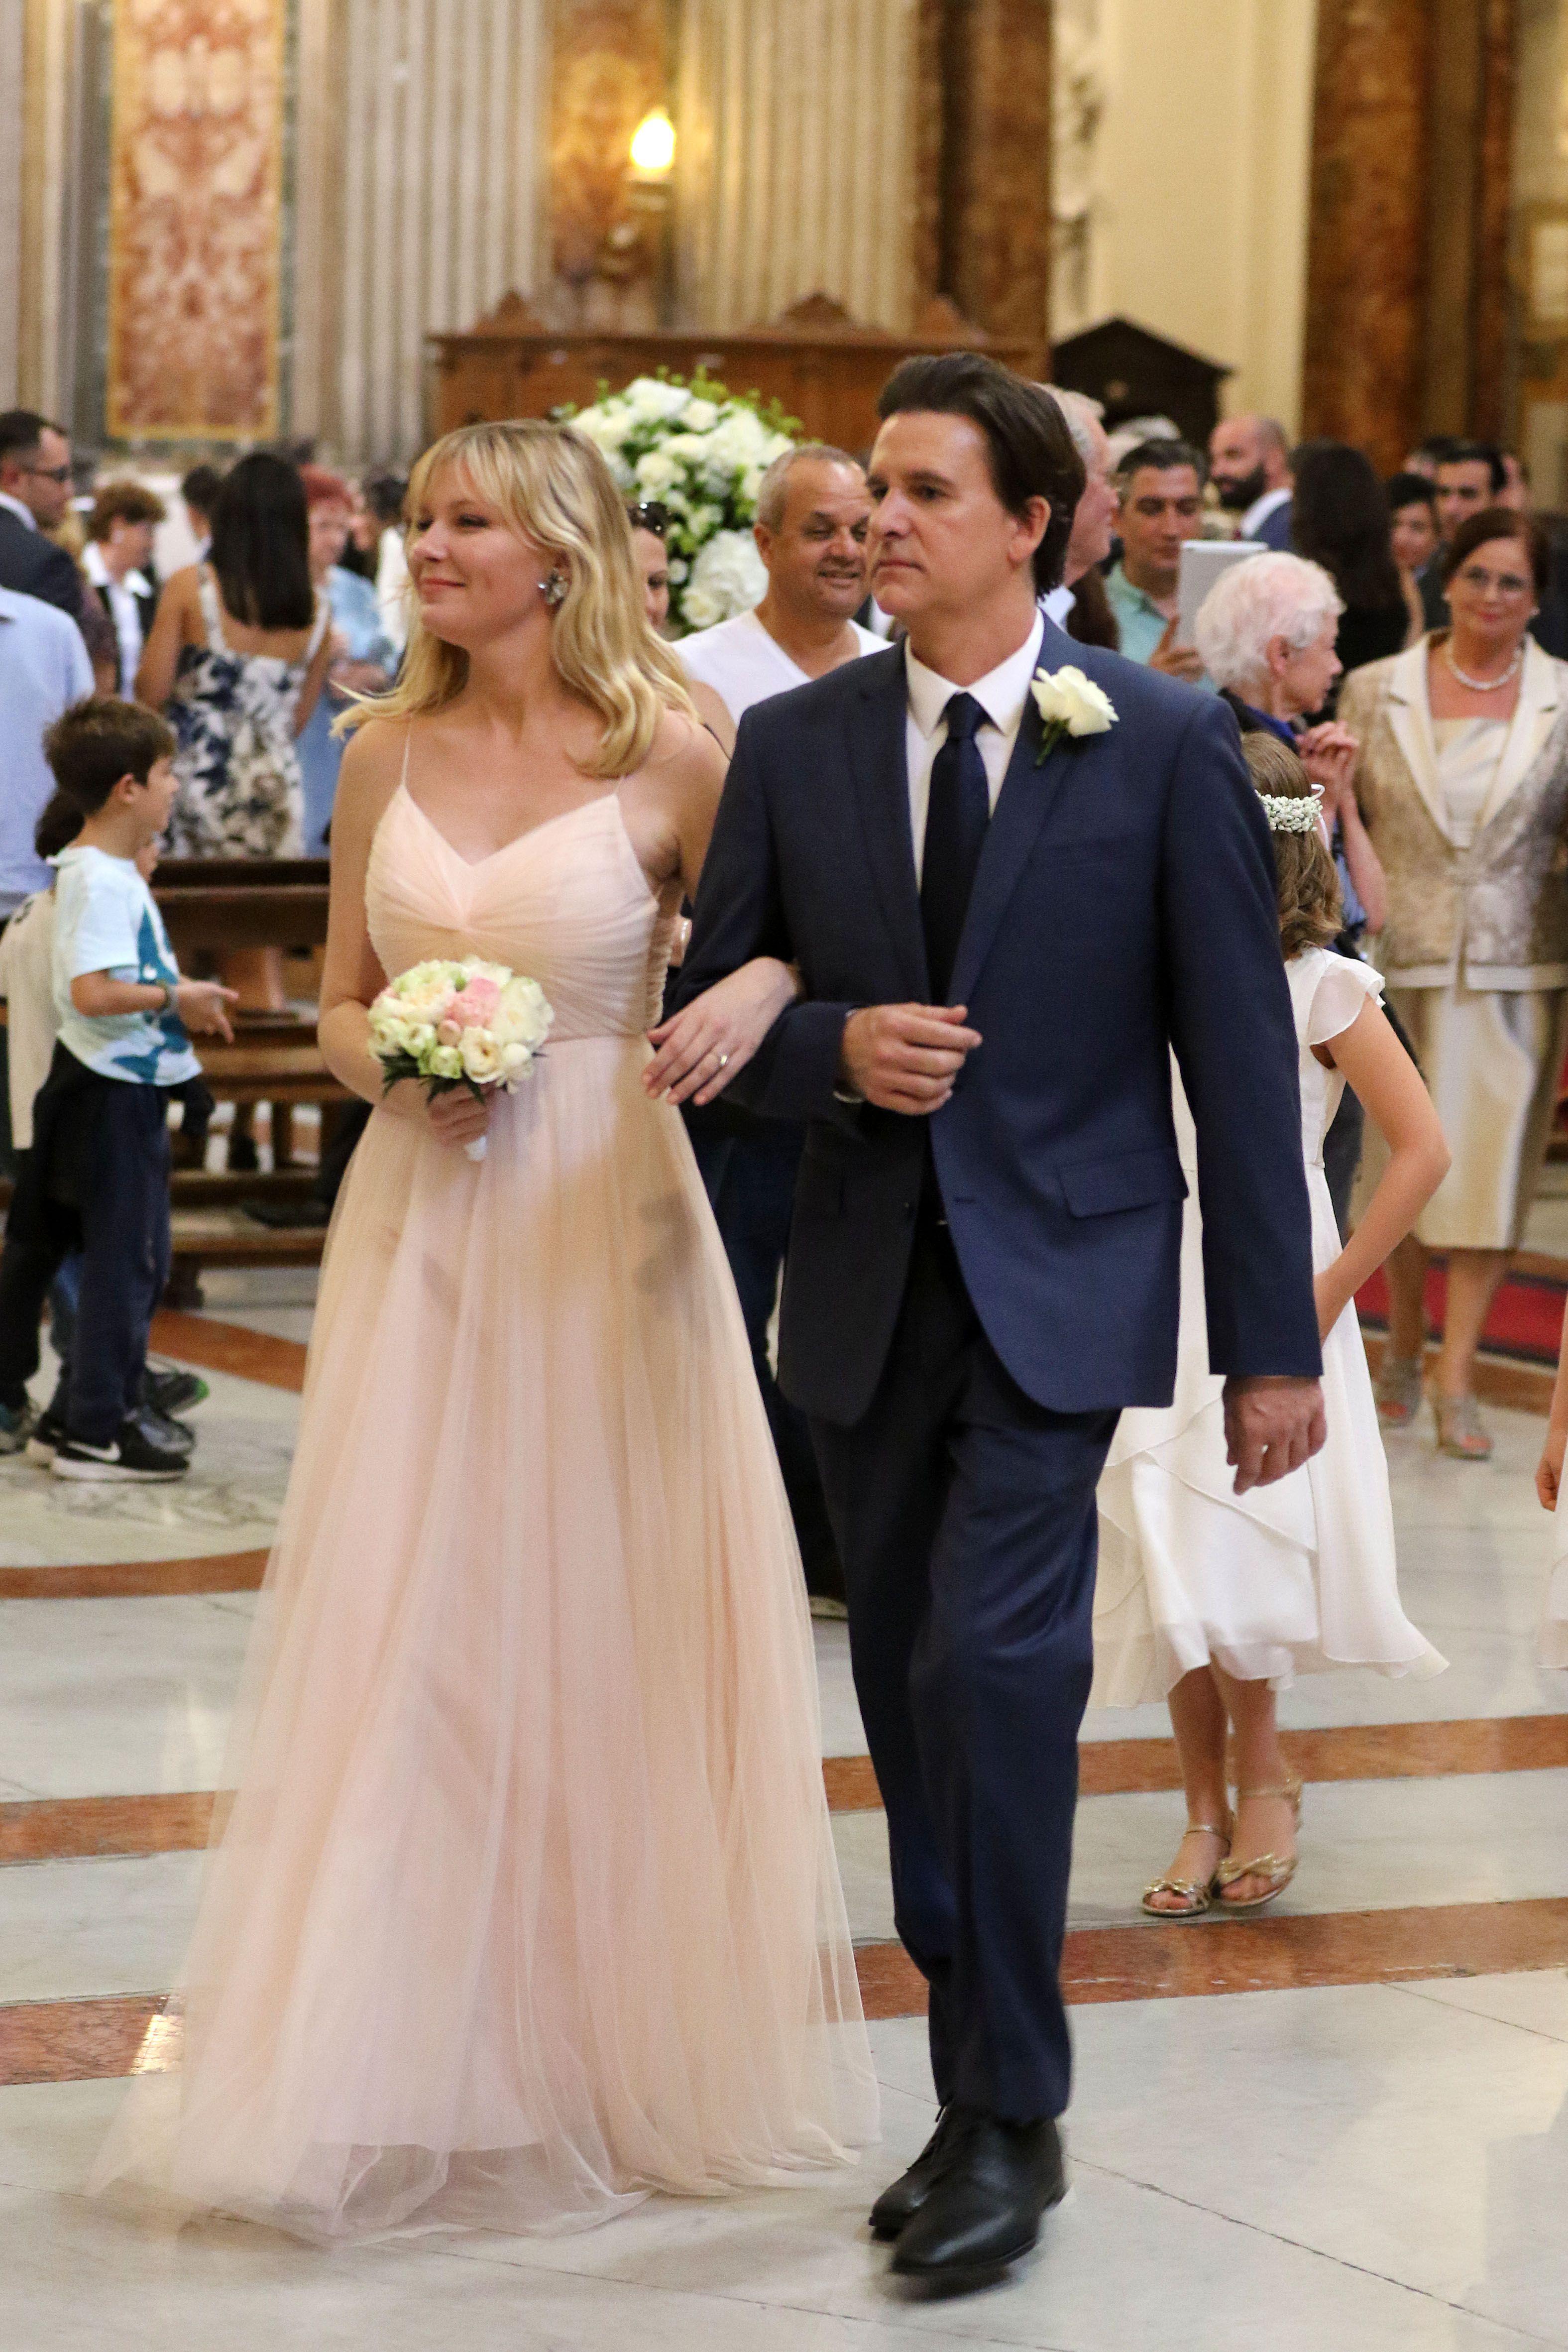 Kirsten Dunst as a bridesmaid